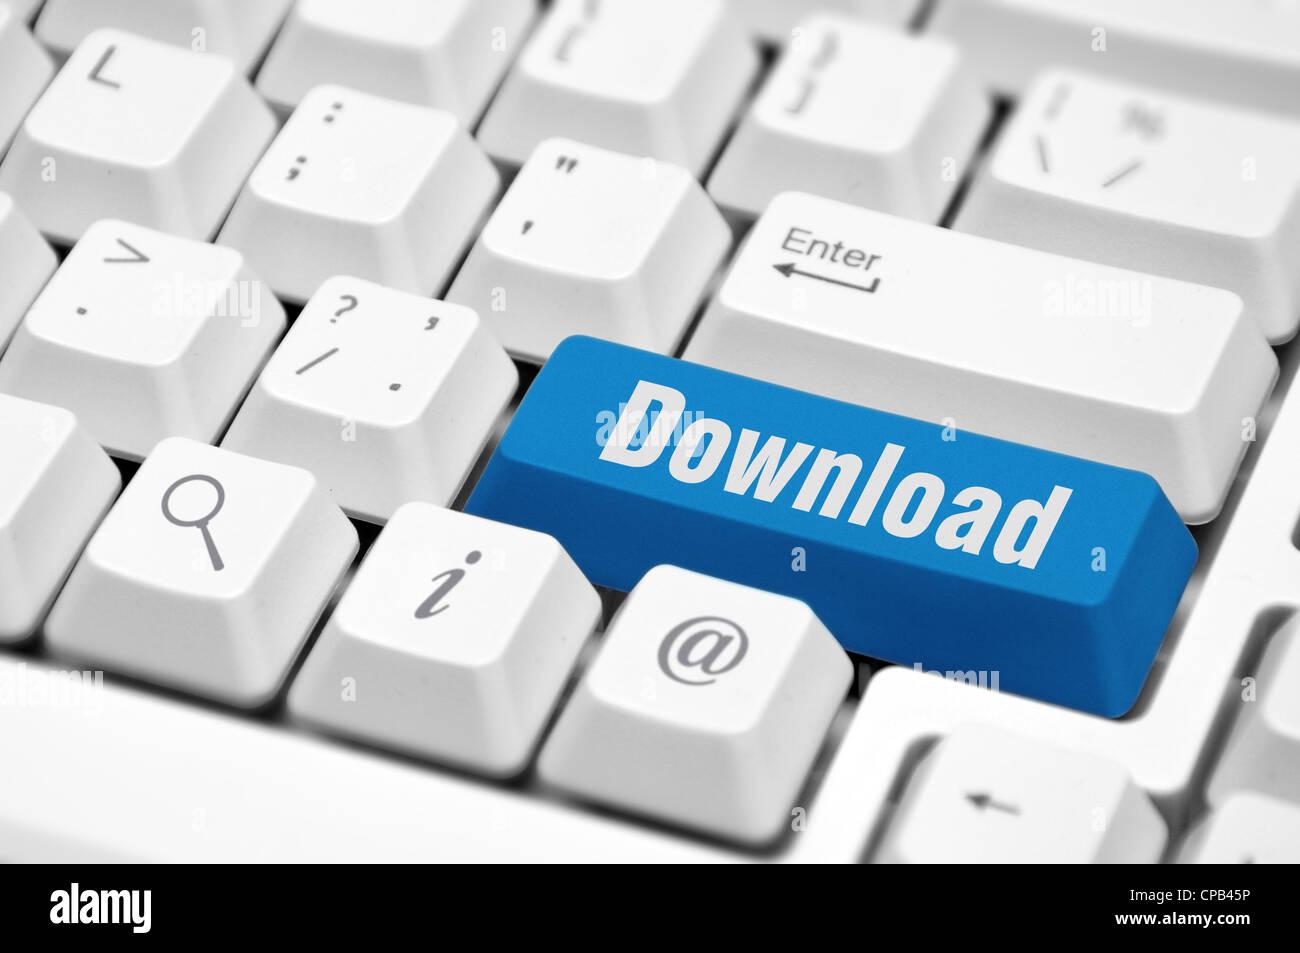 Touche ou sur le bouton de téléchargement de fichier internet montrant ou de partage des données Photo Stock